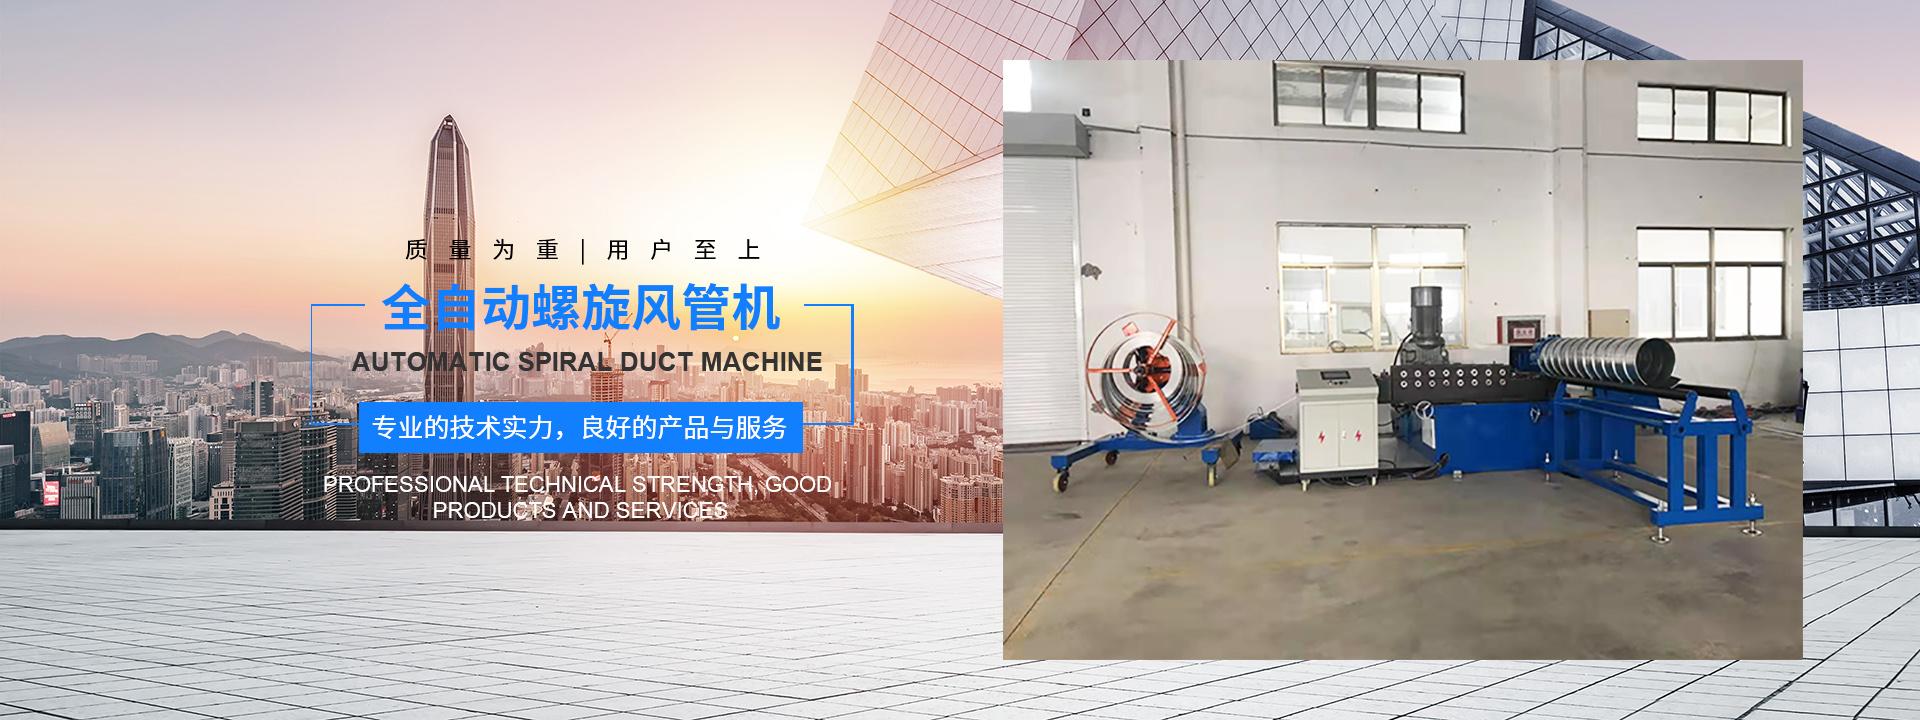 螺旋风管机械,螺旋风管生产线